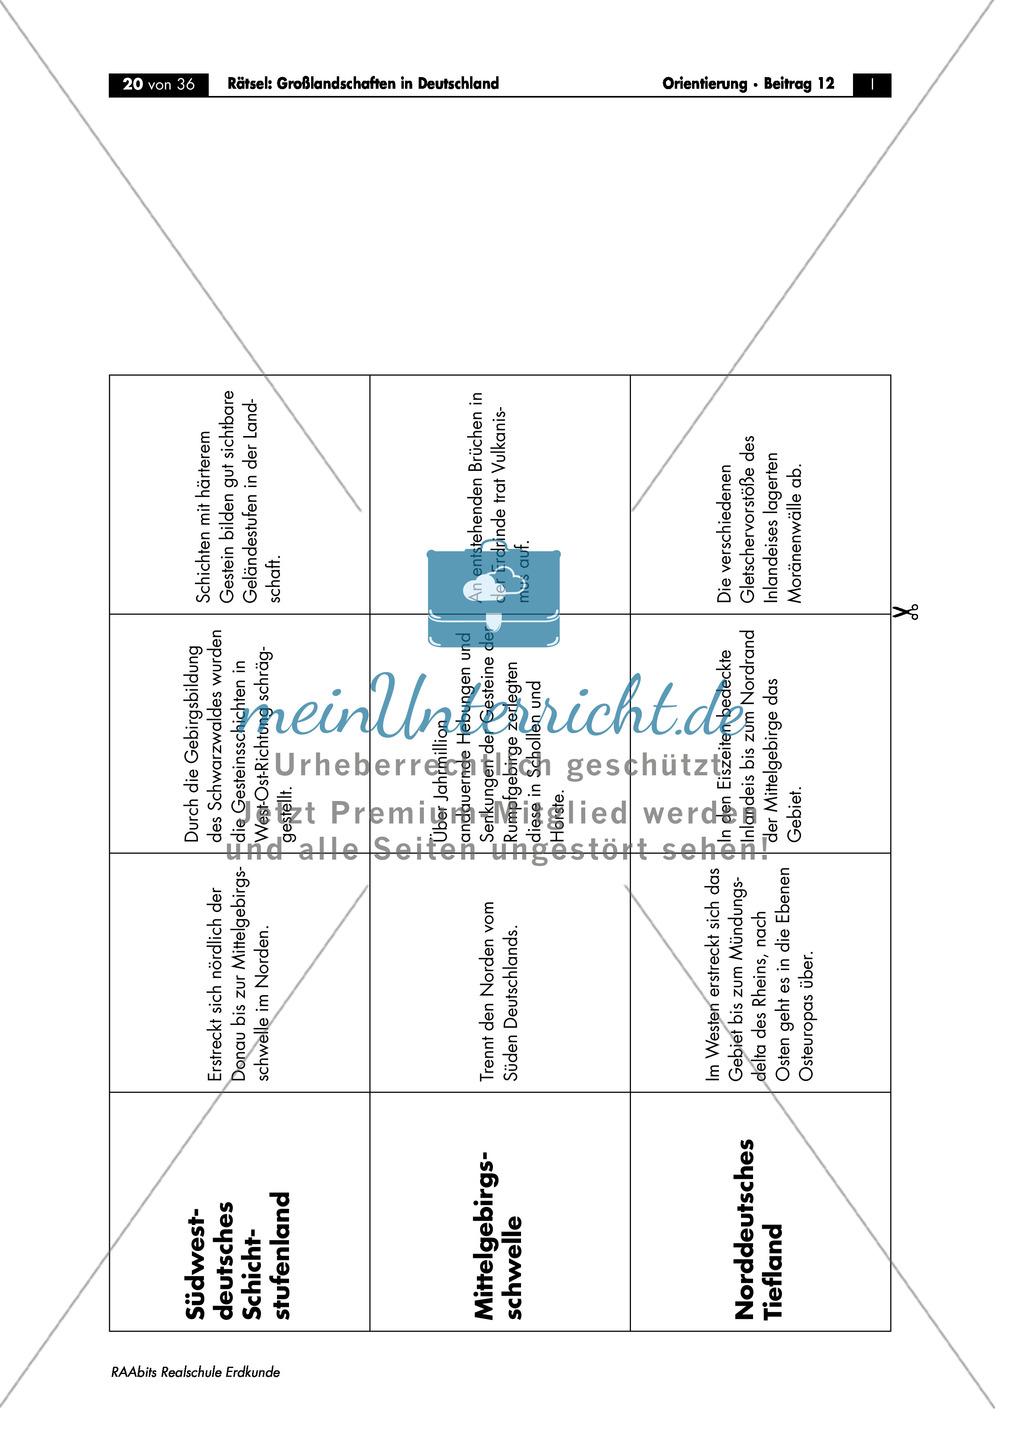 Großlandschaften in Deutschland - ein Rätsel: Merkmale + Quartett Preview 2